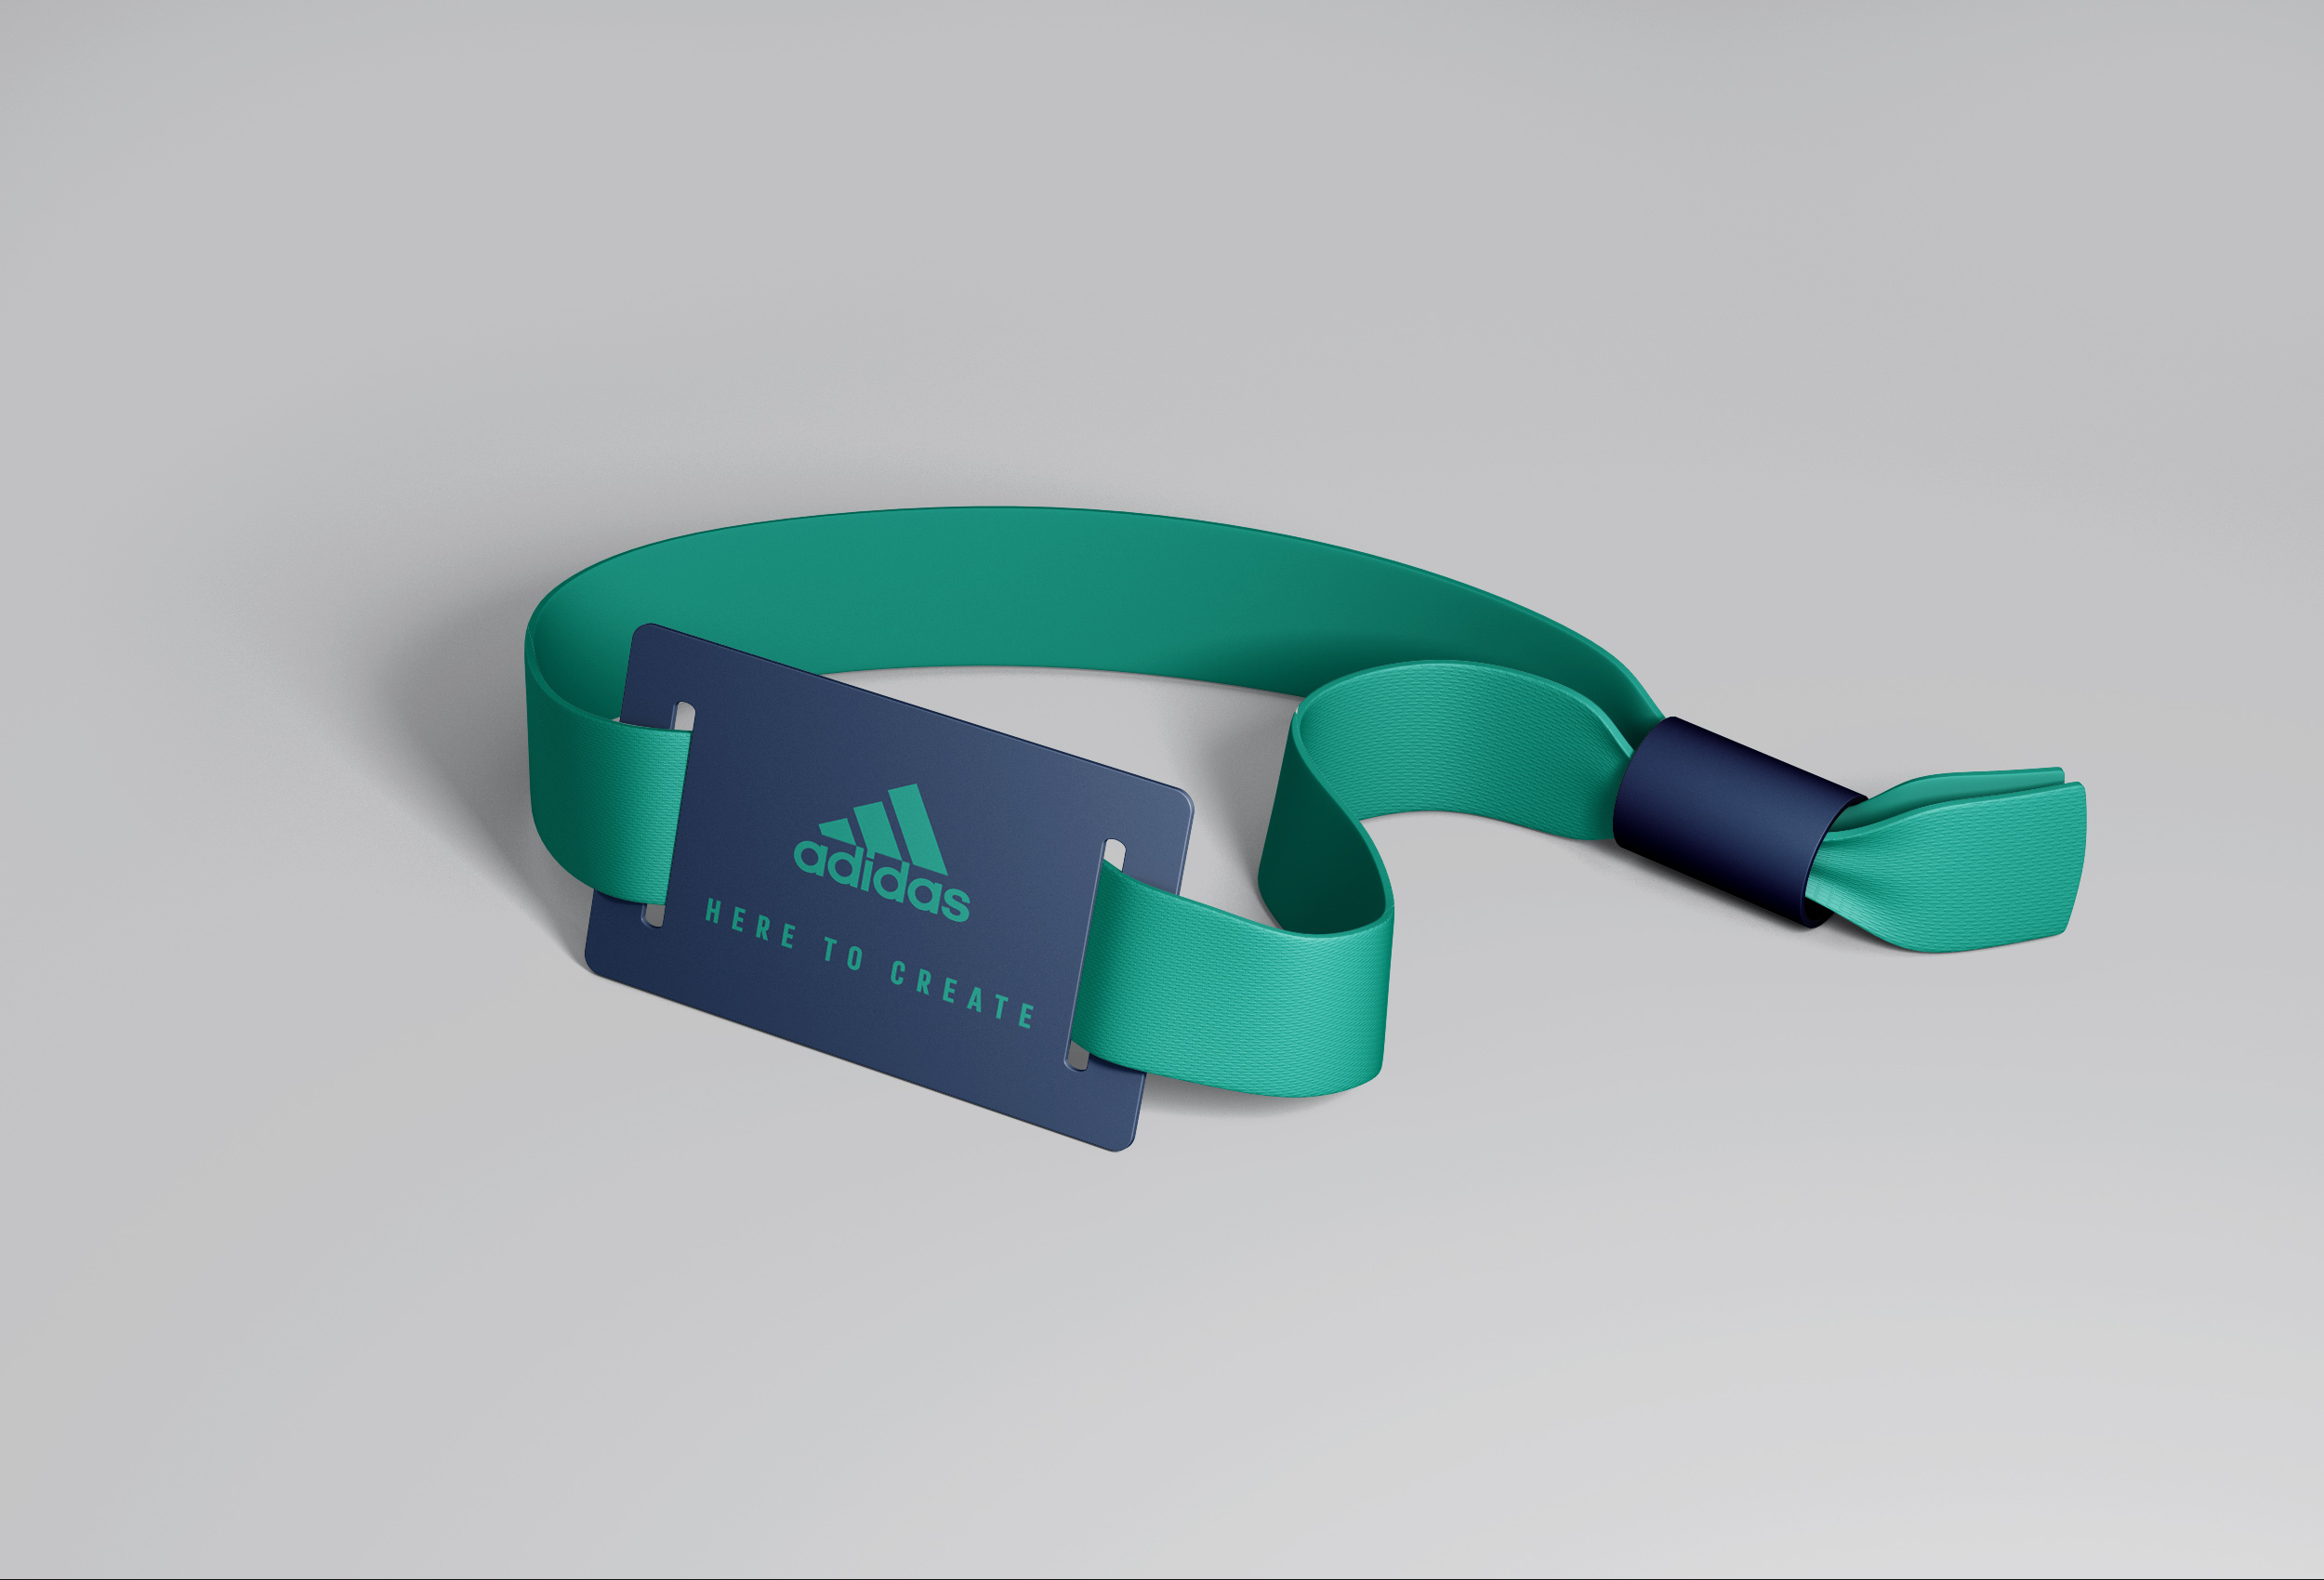 RFID_Wristband_Mockup_1.jpg